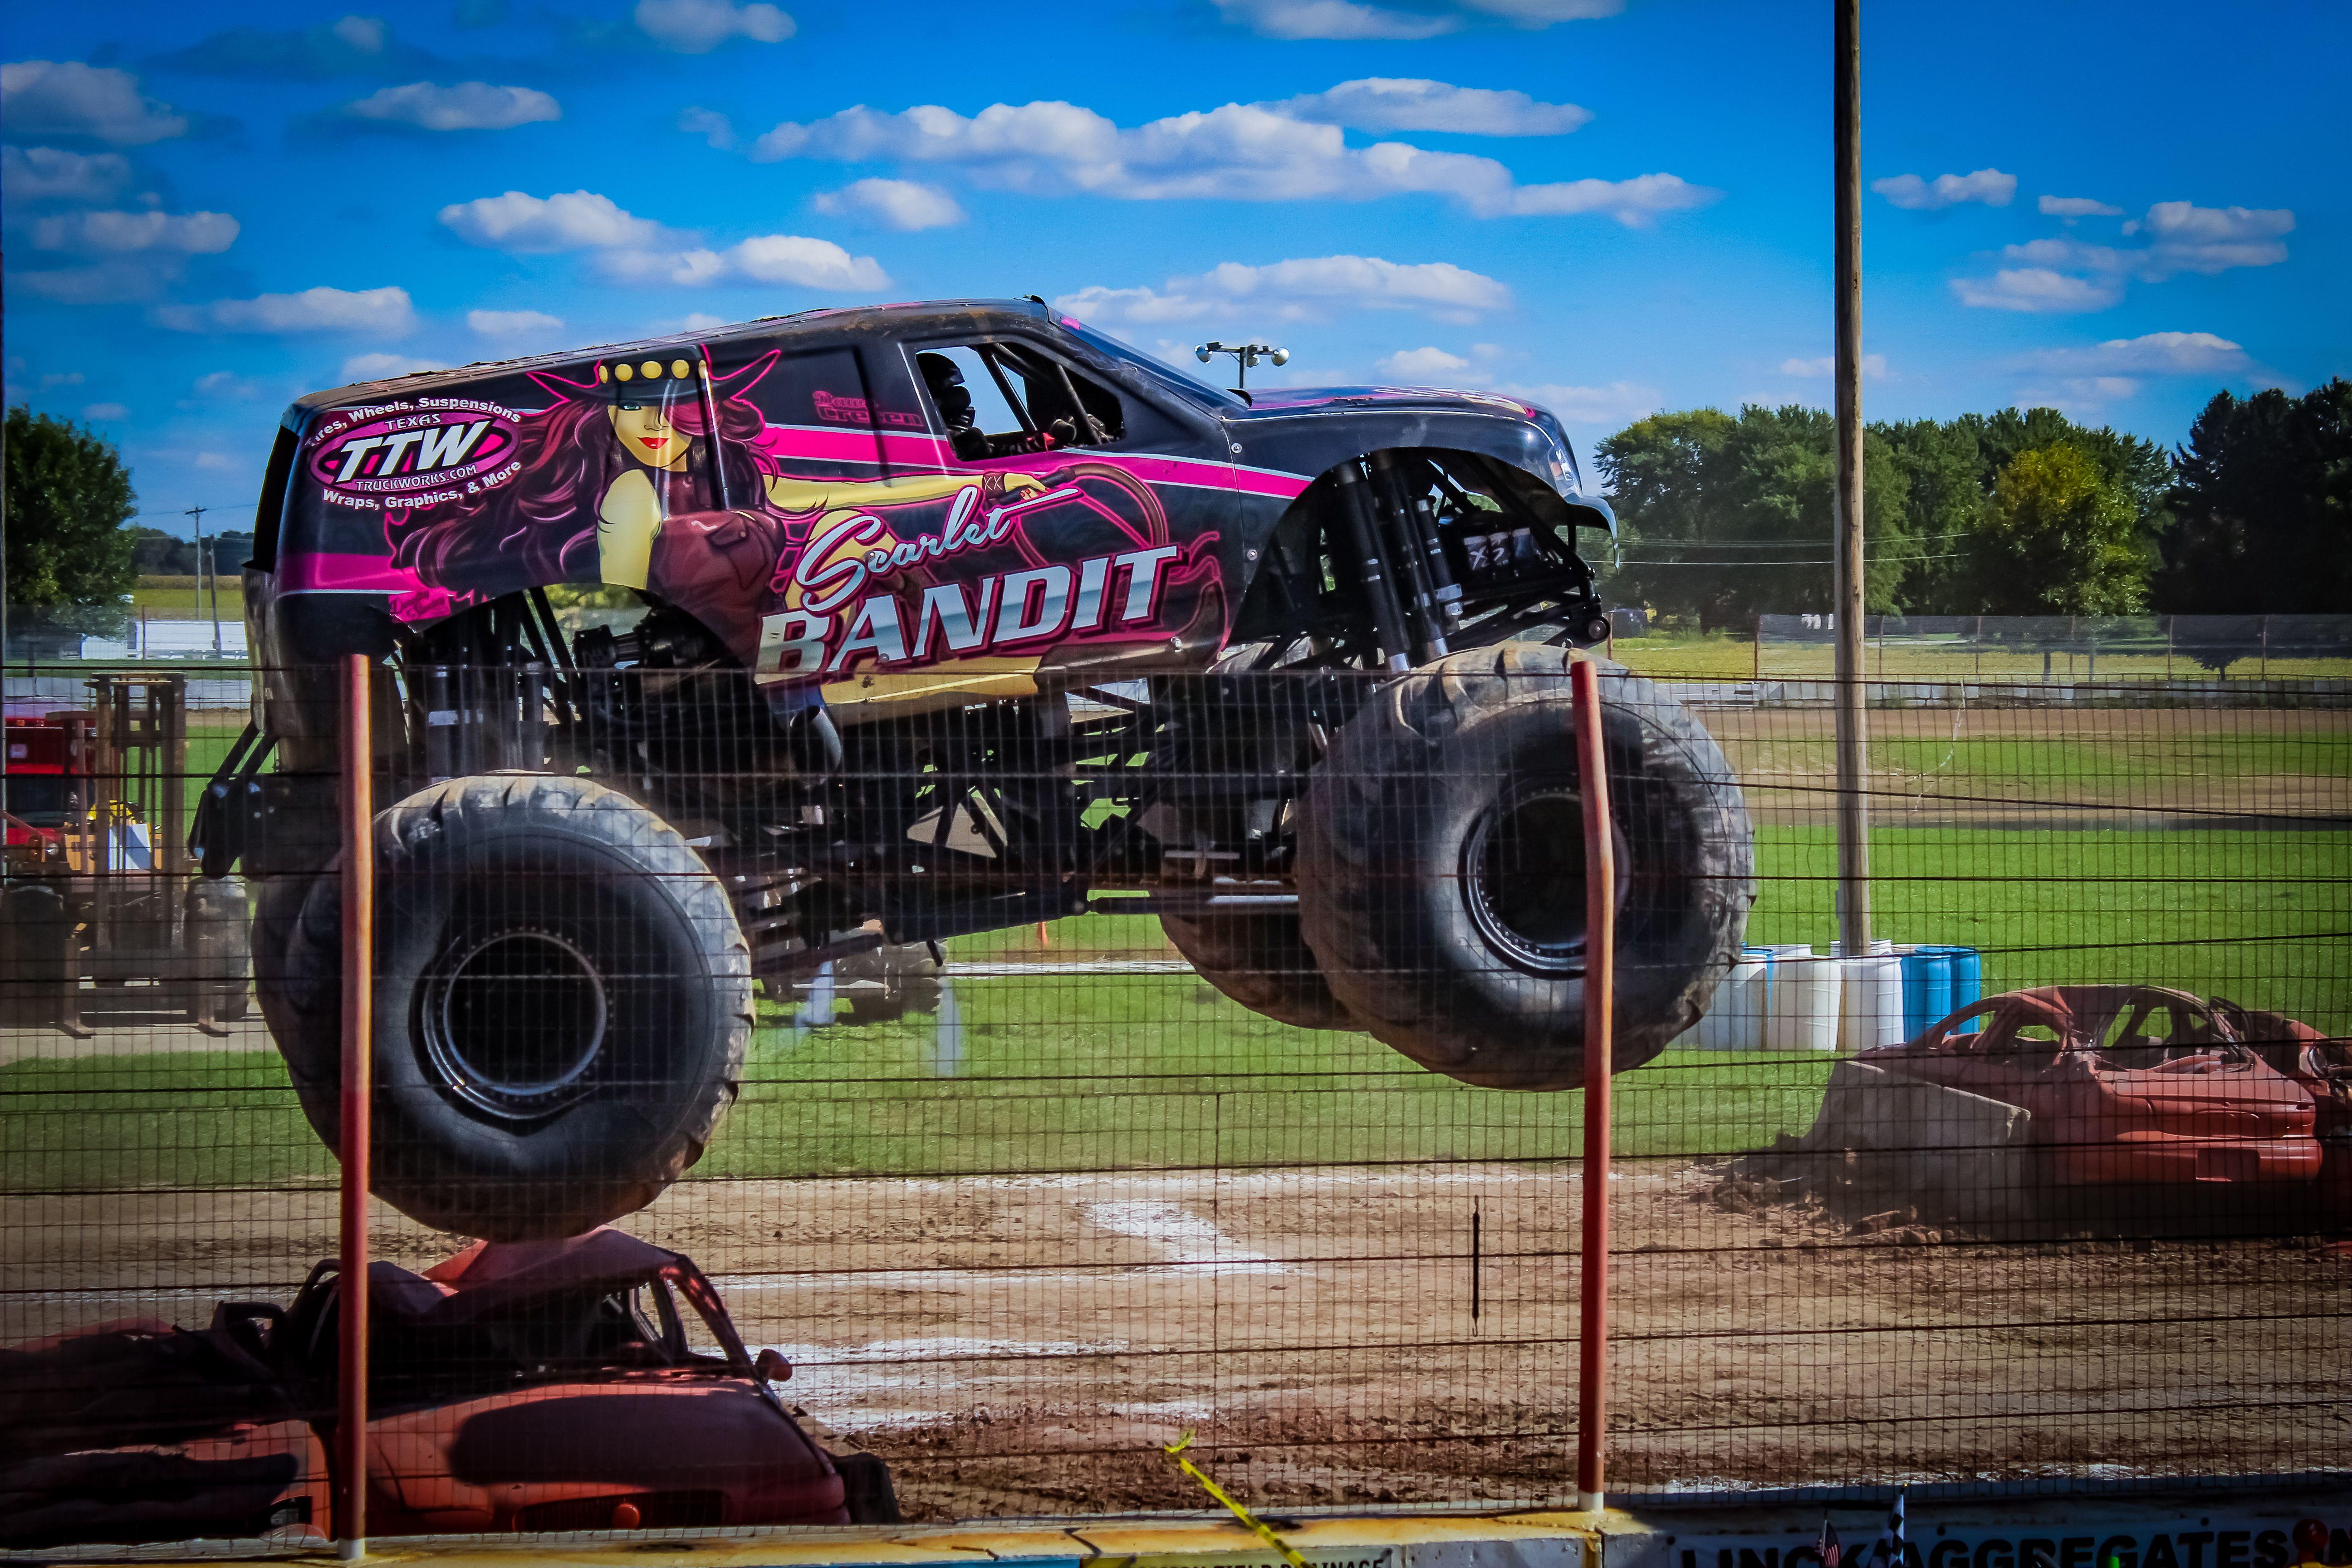 Scarlet Bandit Monster Trucks Bandit Scarlet